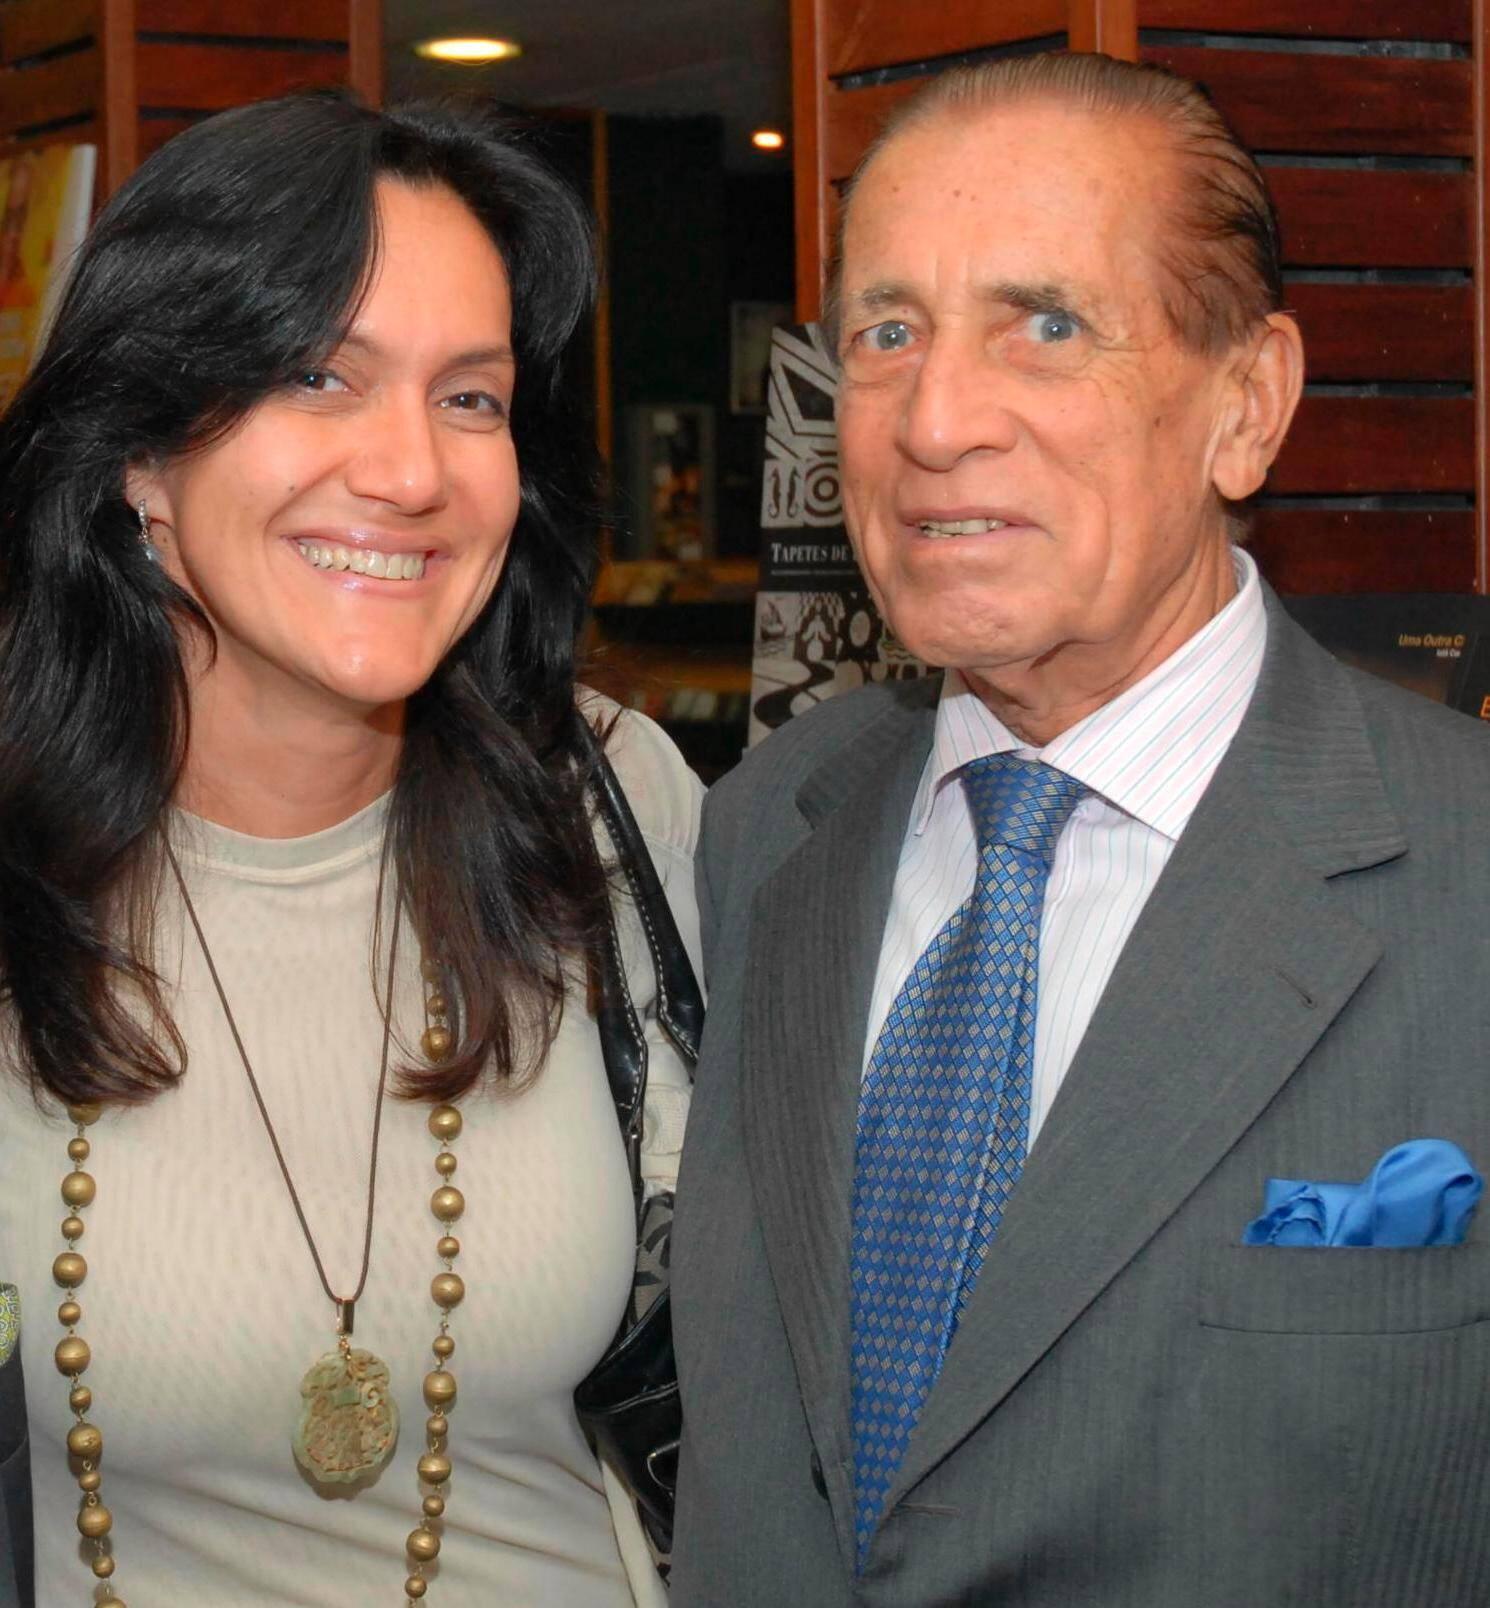 Mariana Imenes E Andrea Marques